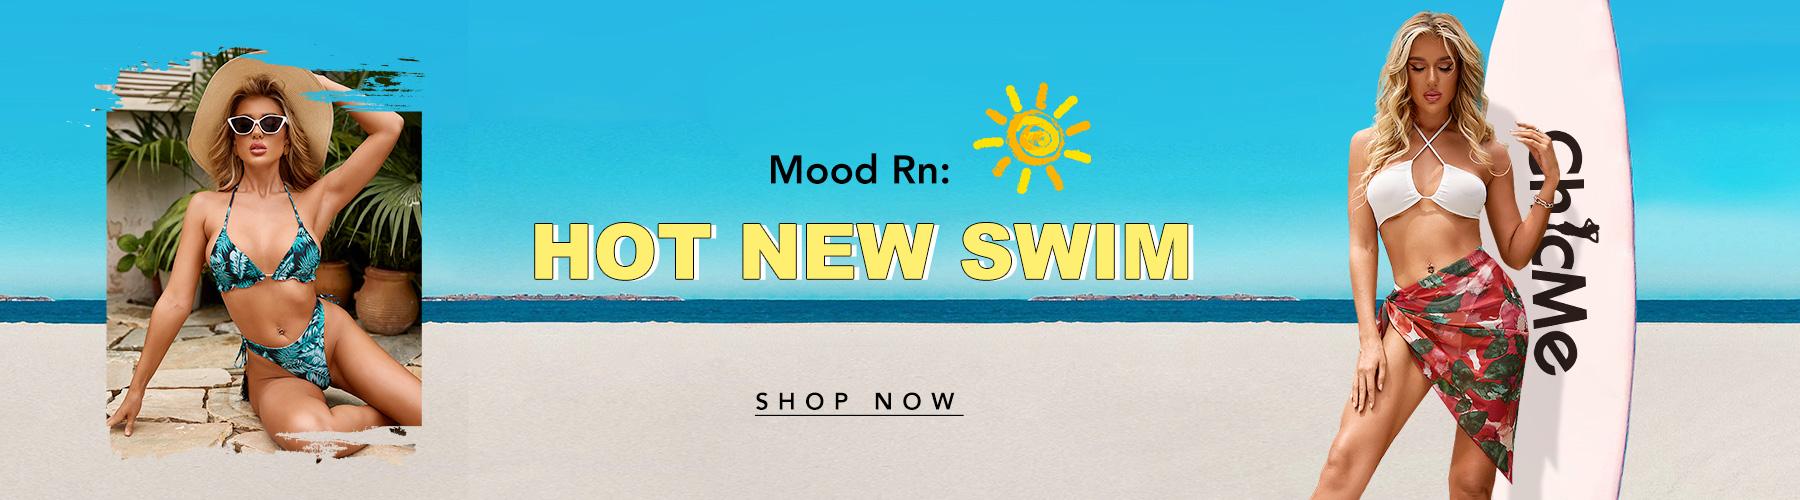 MOOD RN: HOT NEW SWIM